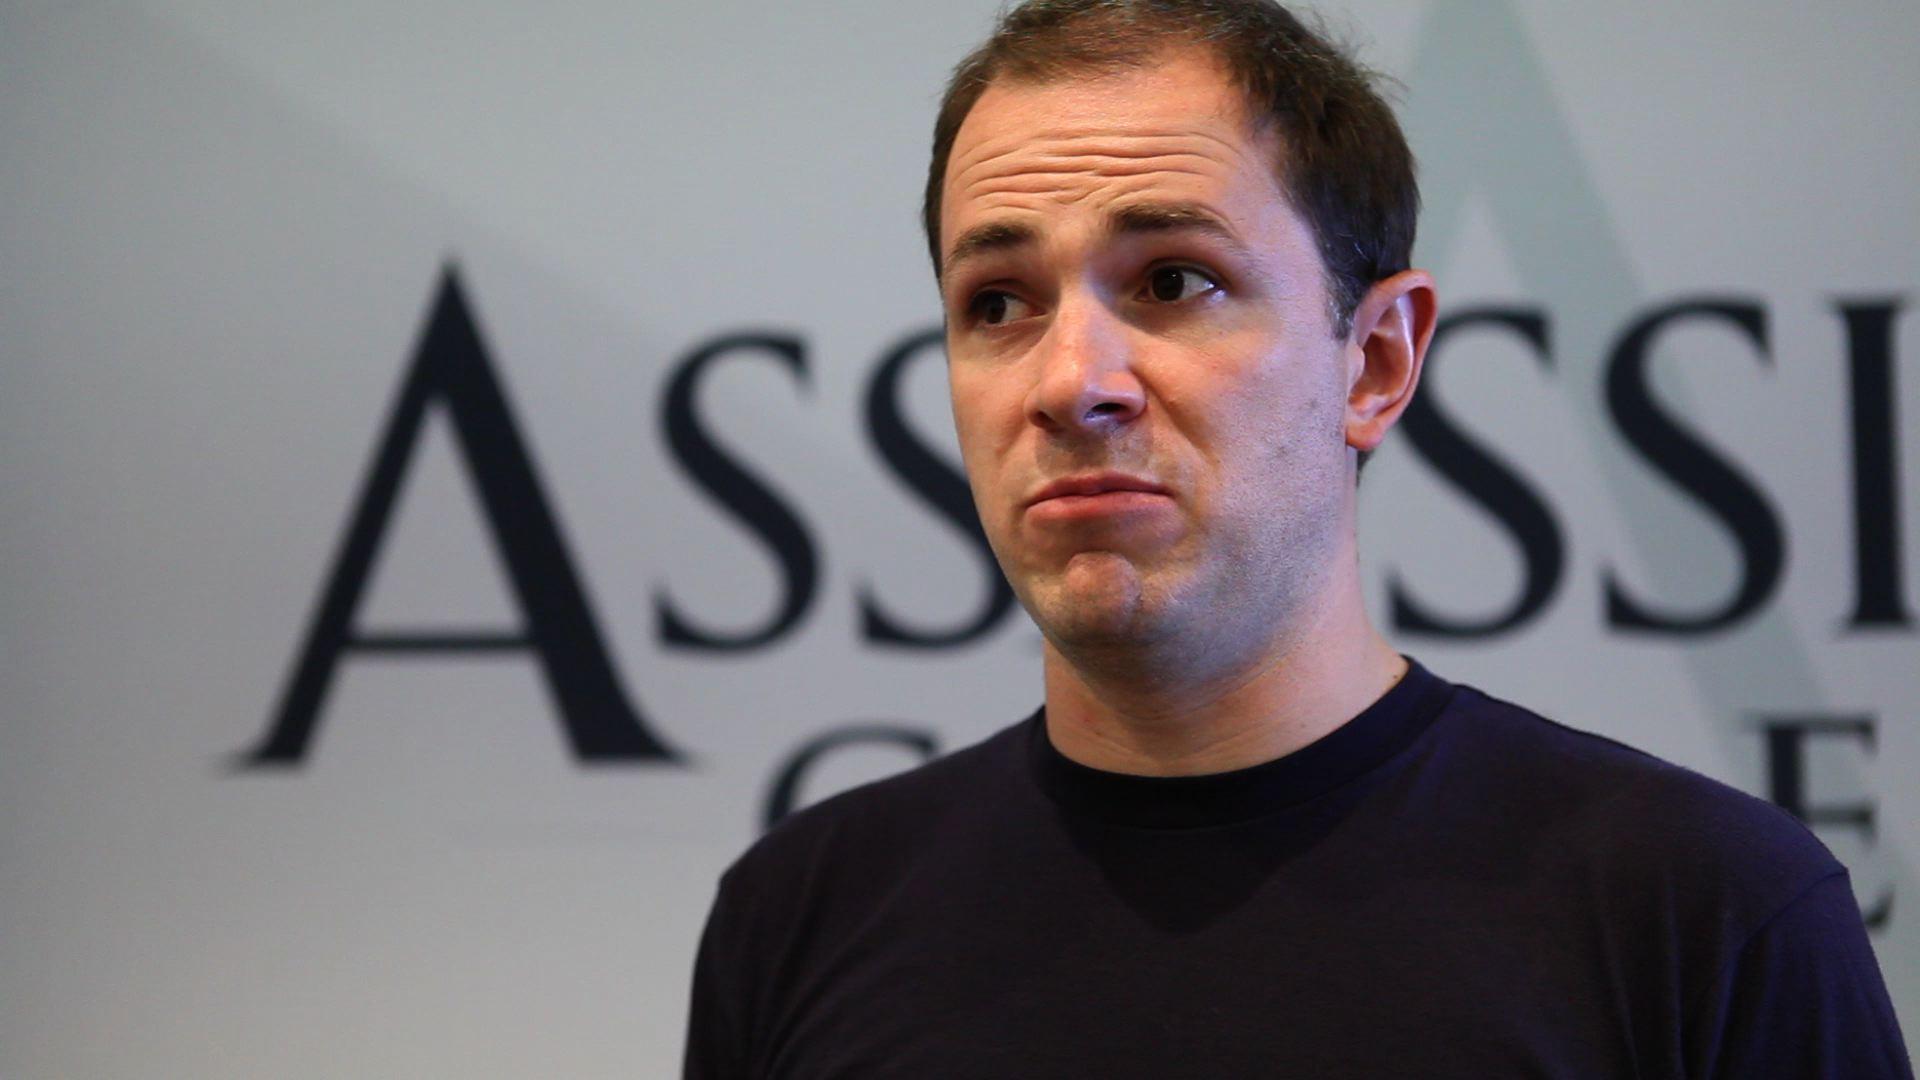 La mente maestra detrás de FarCry 4 y Assassin's Creed 3 abandona Ubisoft